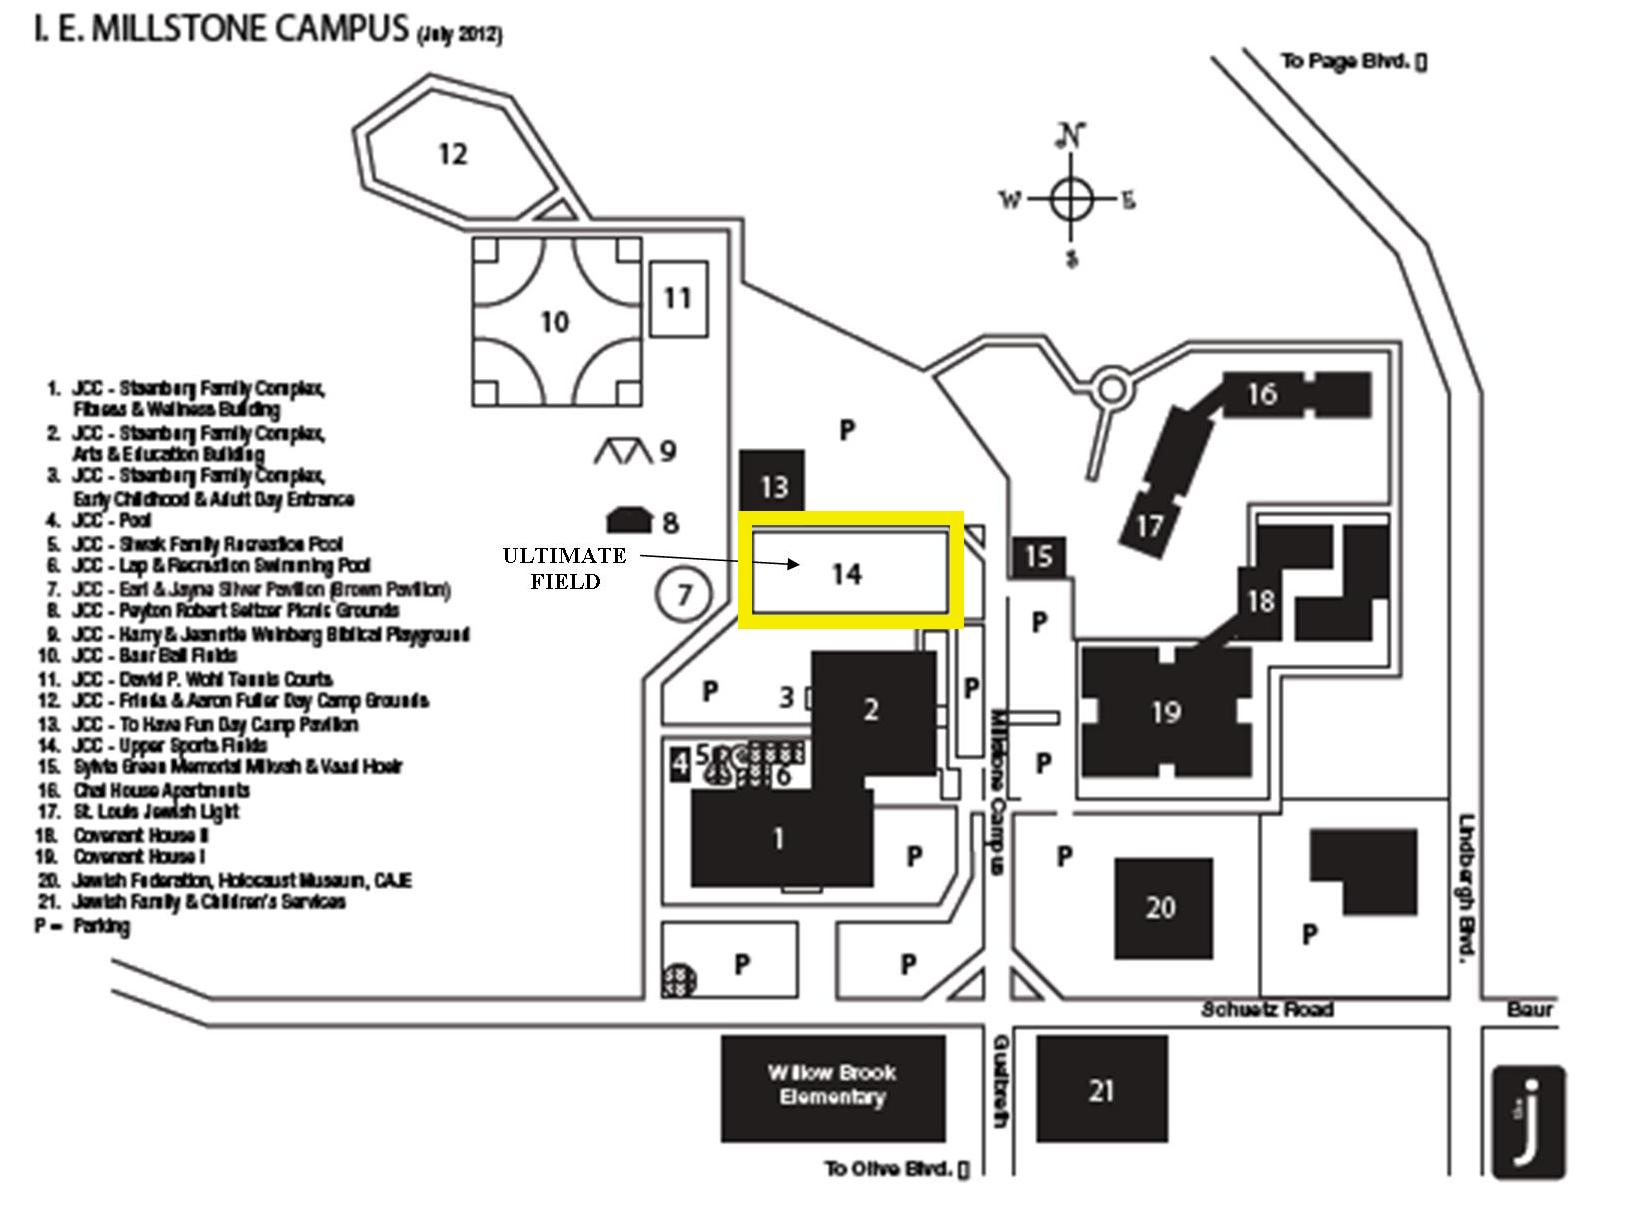 JCC Field Map